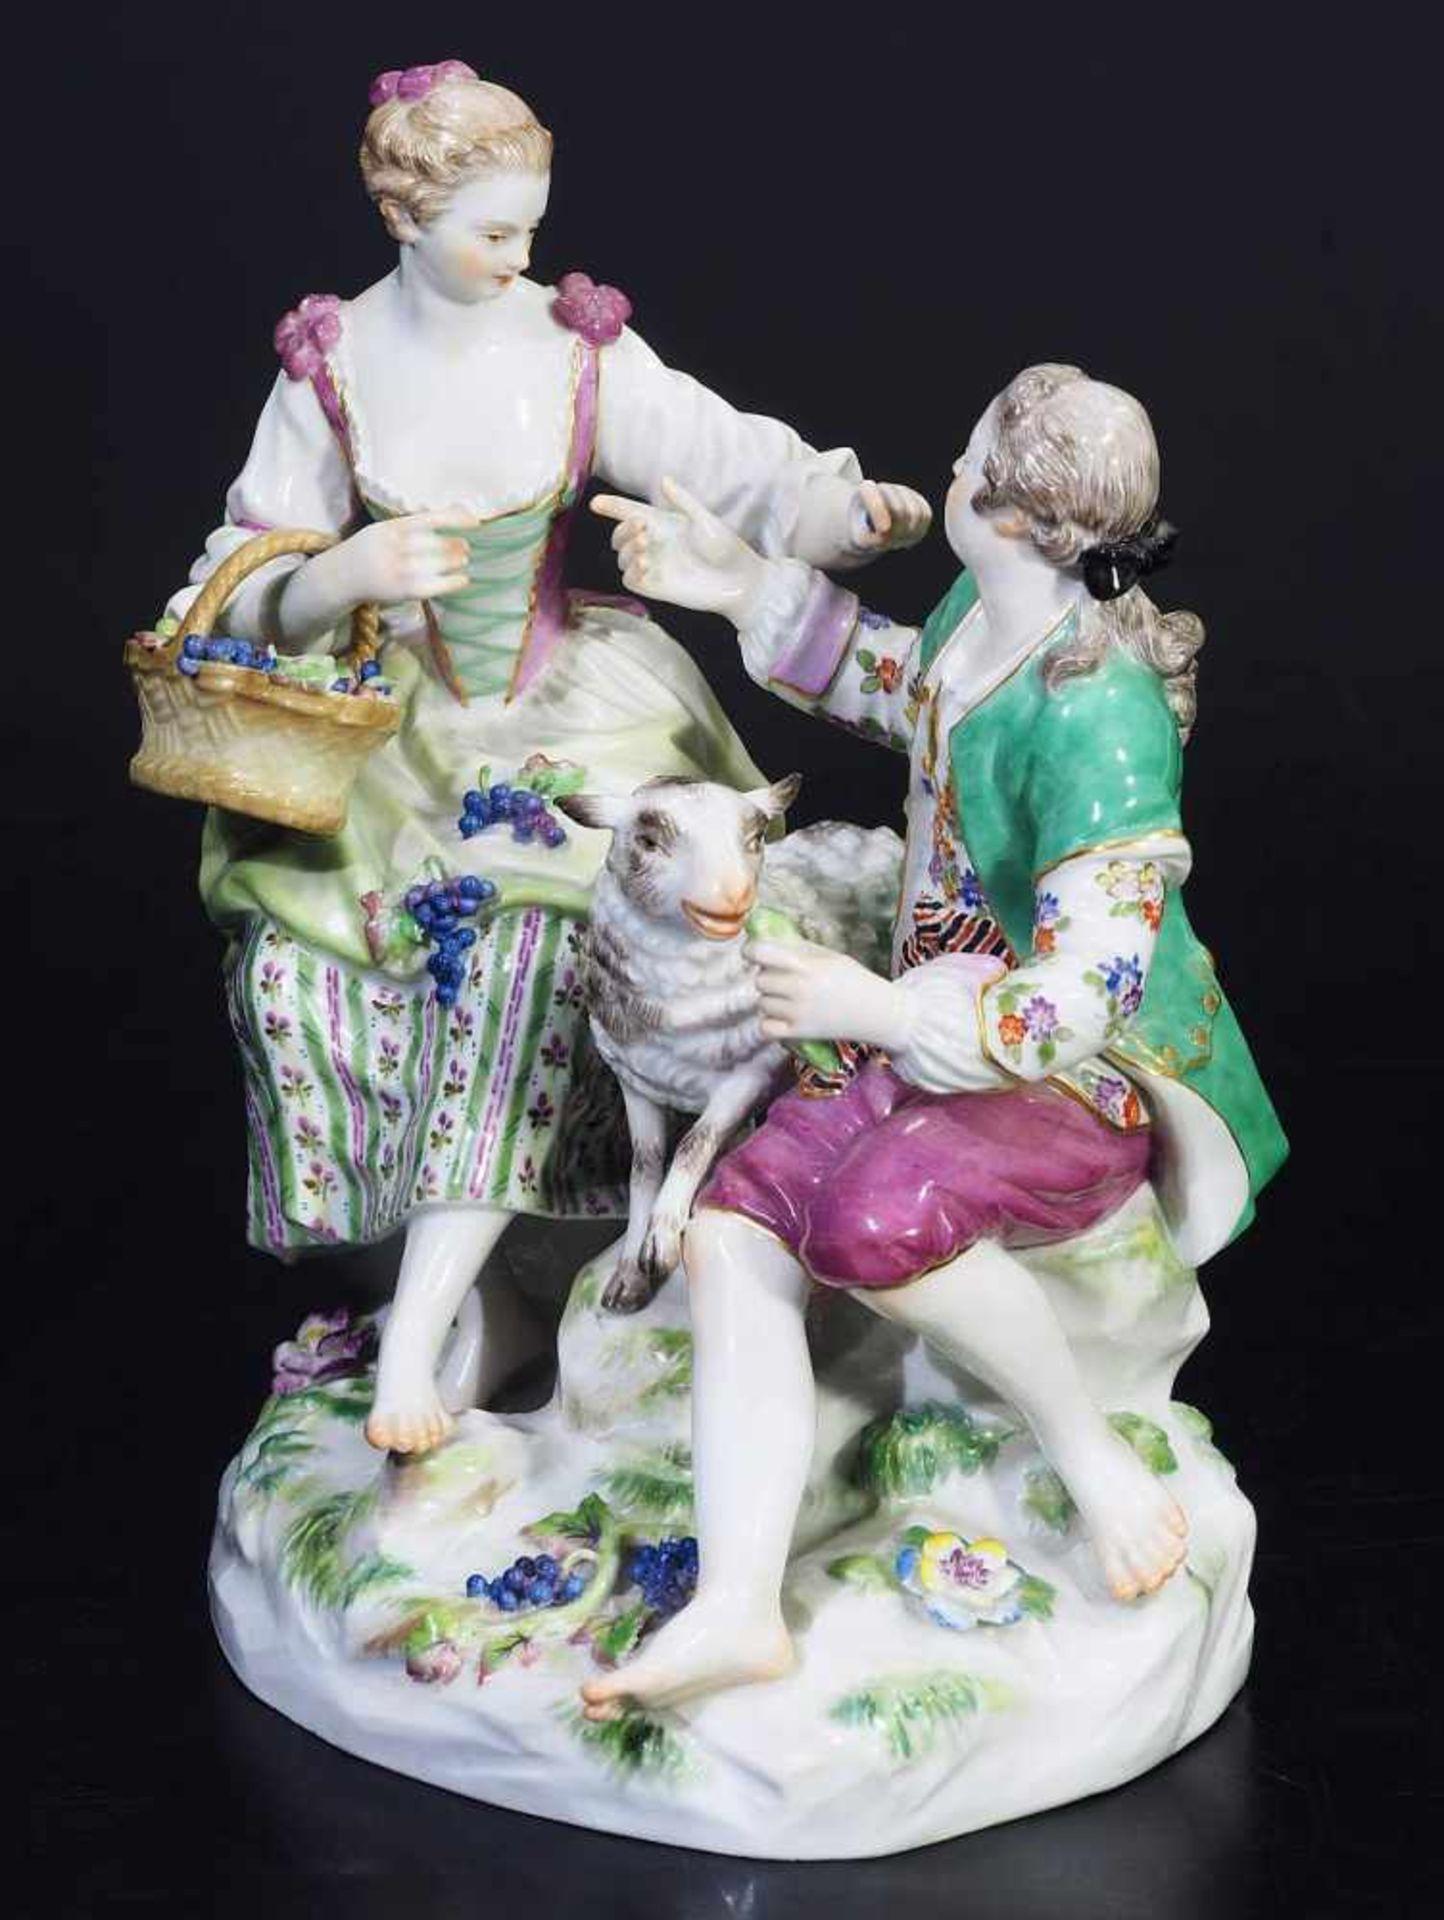 Los 14 - ACIER, Michel Victor.ACIER, Michel Victor. 1736 Versailles - 1799 Dresden. MEISSEN nach 1934, 1.